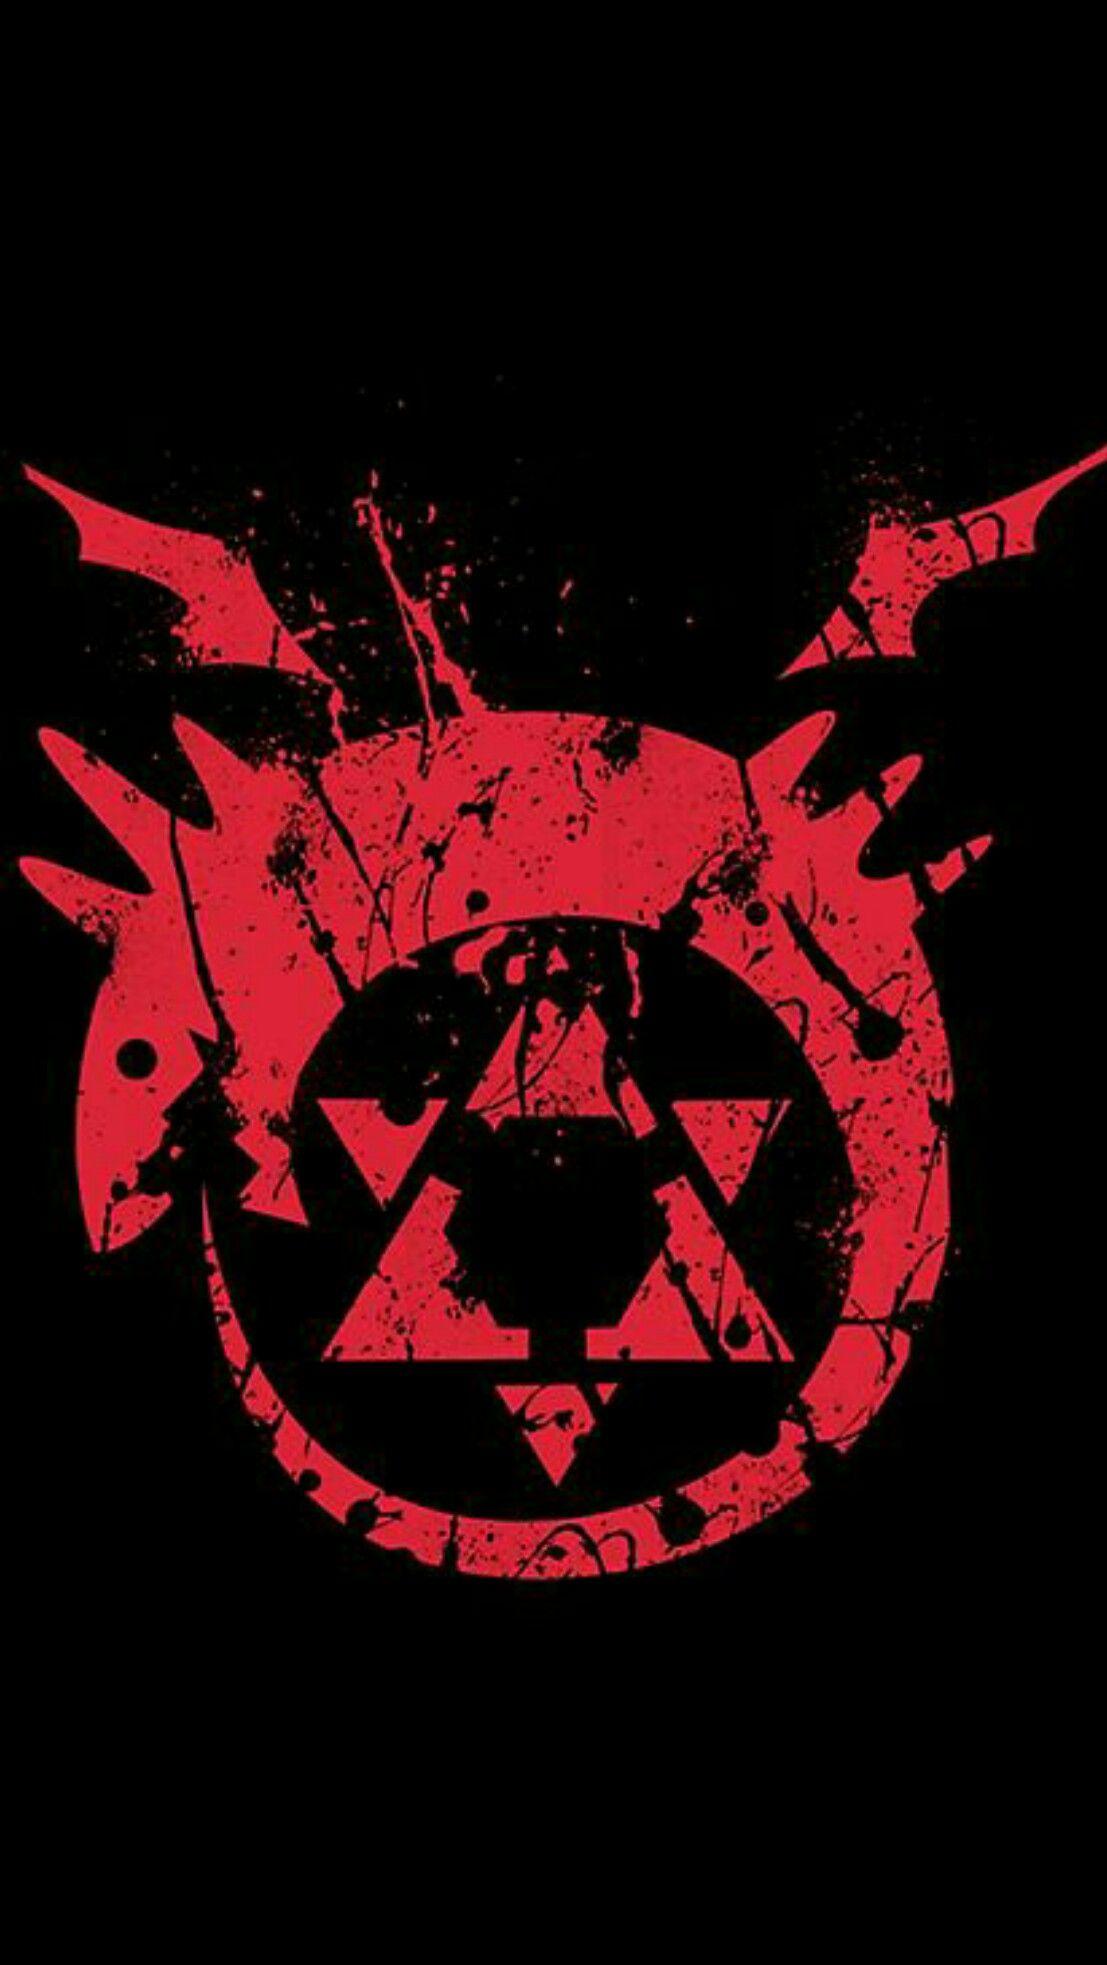 Anime Fma Black Wallpaper Android Iphone Fullmetal Alchemist Fullmetal Alchemist Brotherhood Alchemist